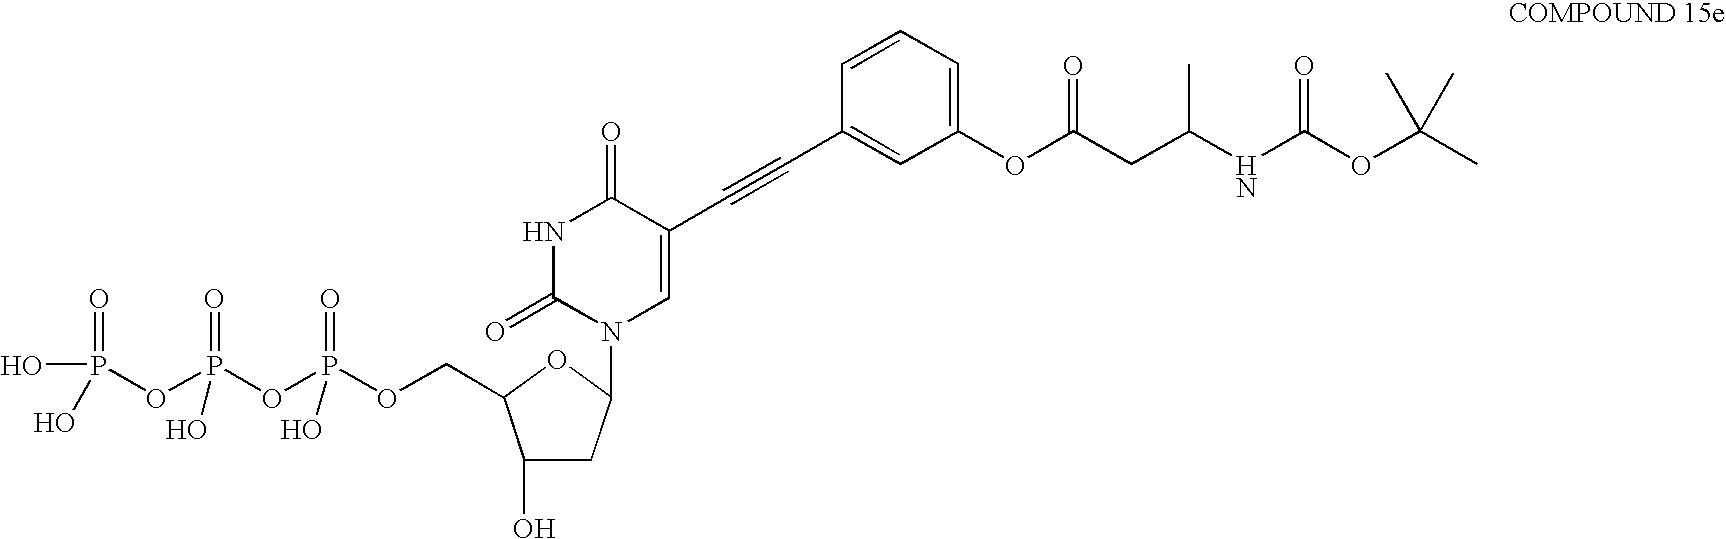 Figure US07727713-20100601-C00086